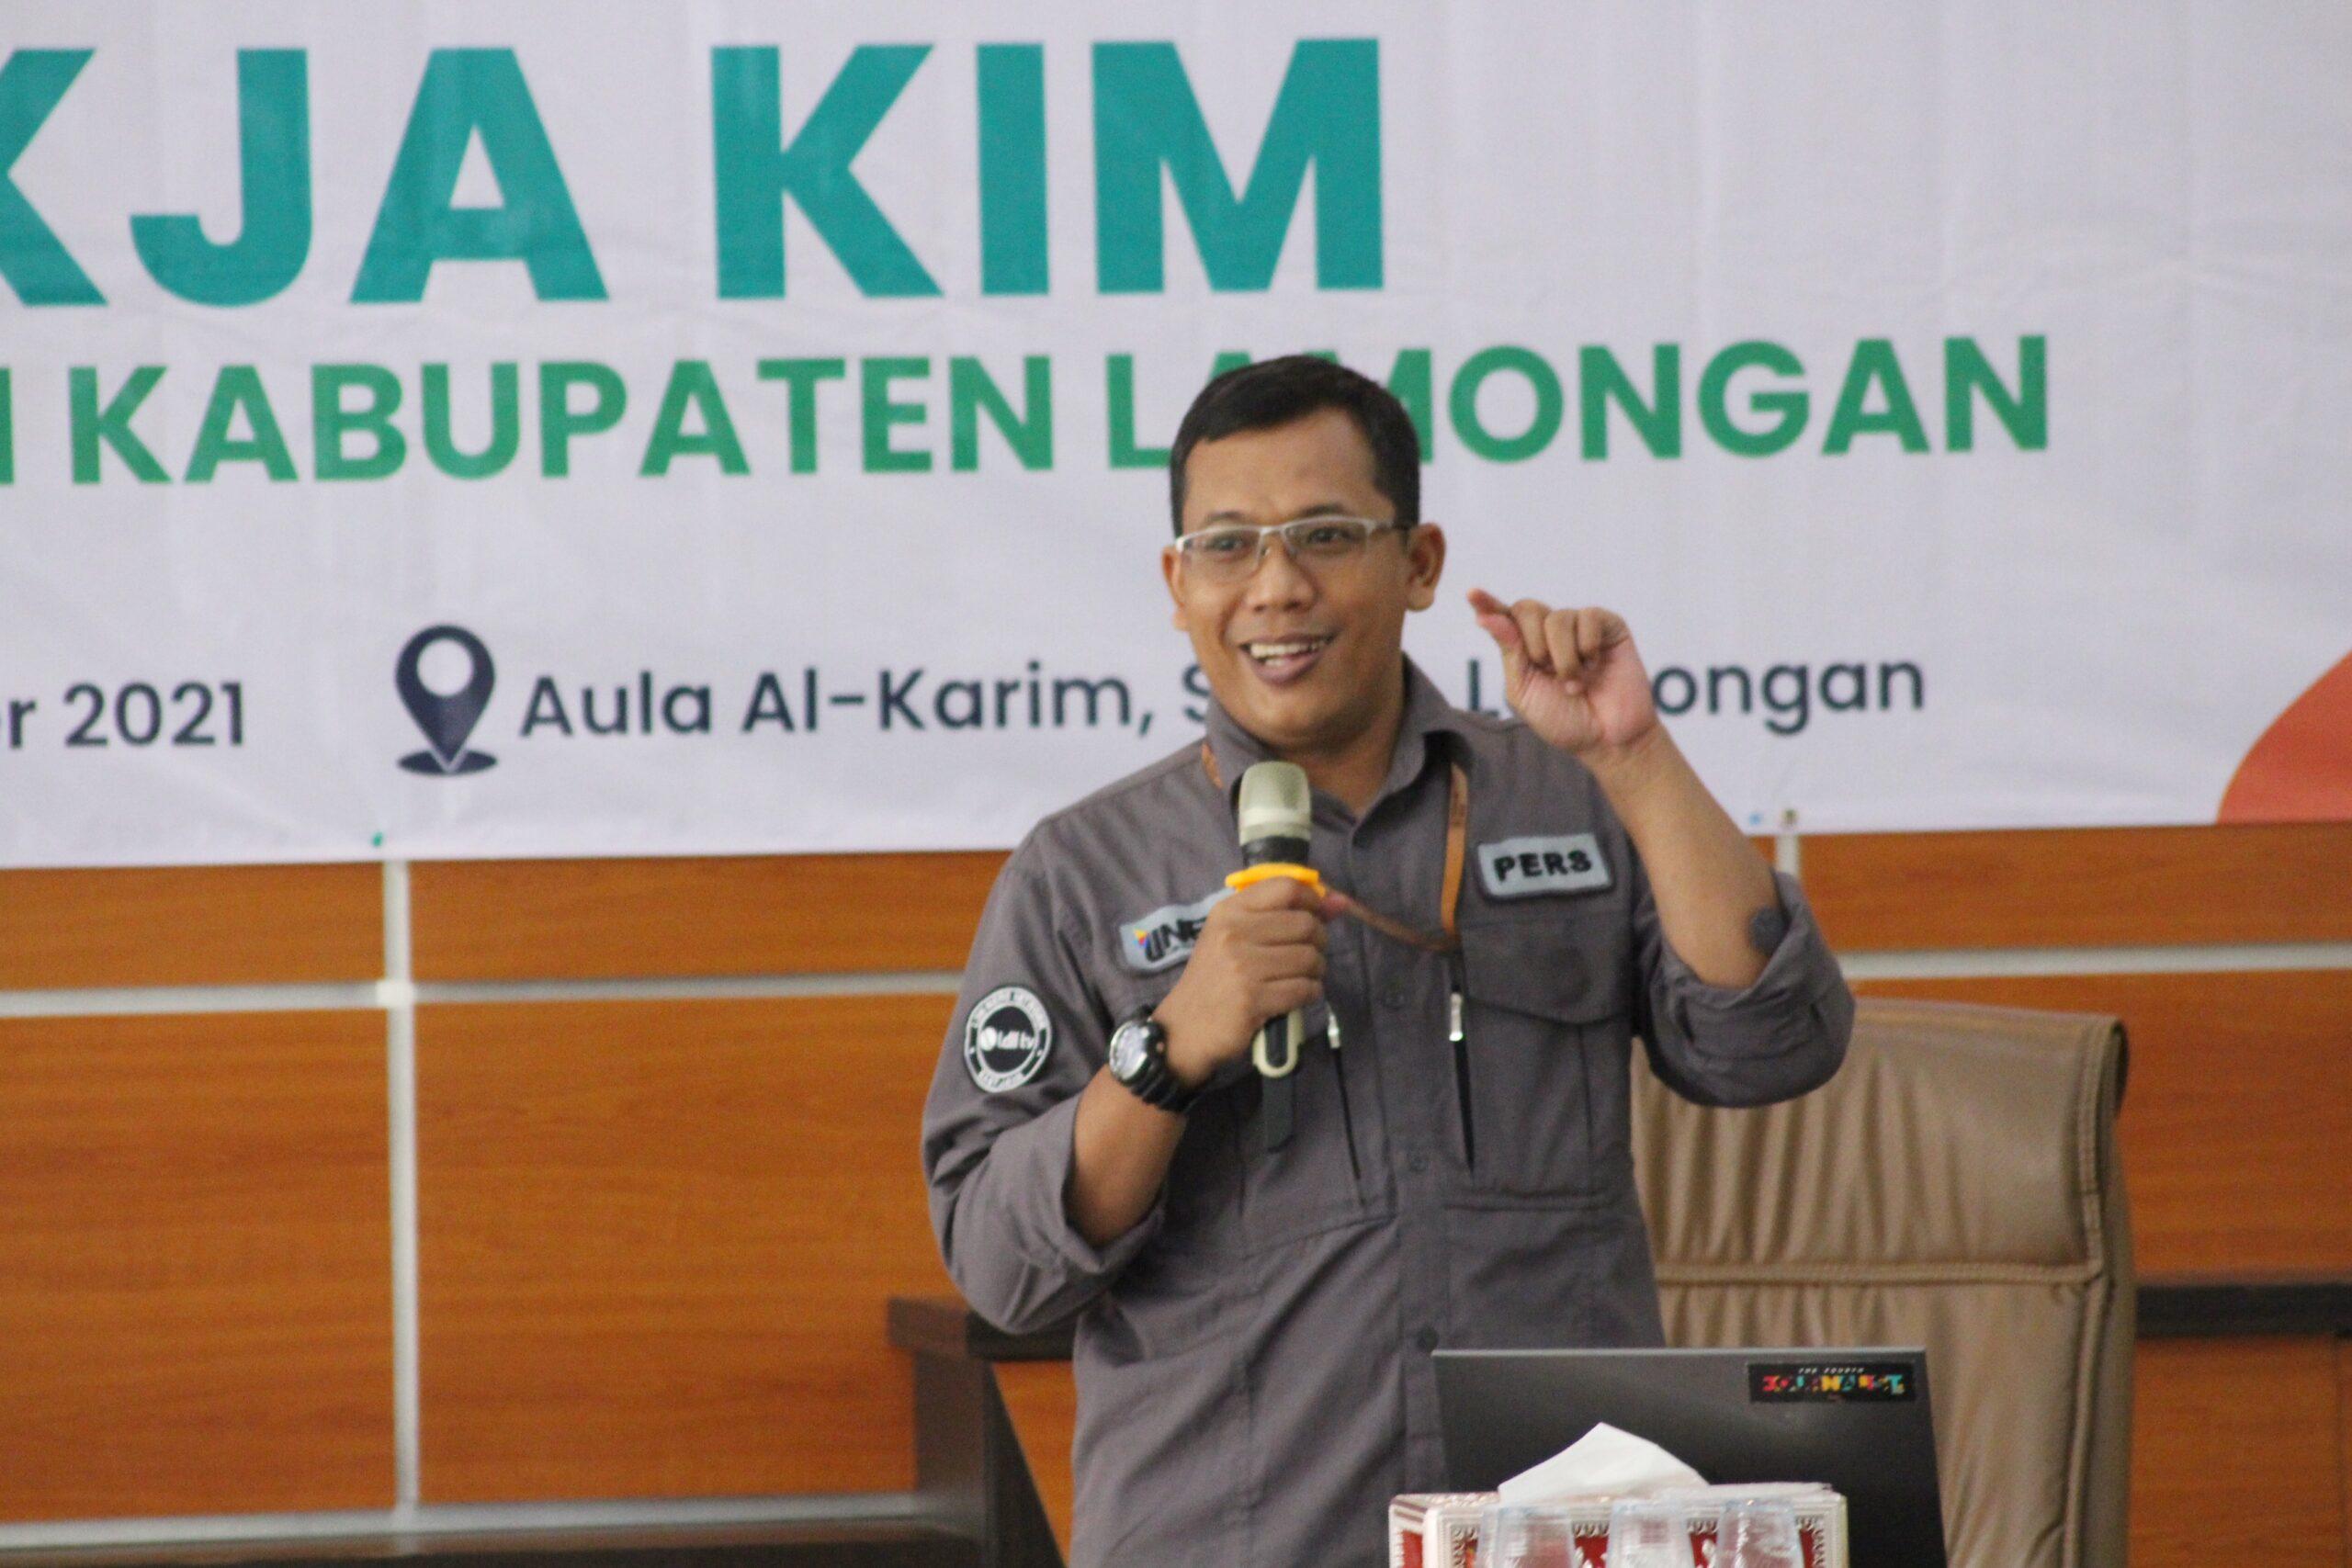 Ketua Departemen KIM DPP LDII, Ludhy Cahyana Pemateri Pelatihan Jurnalistik di Aula Al-Karim, Sugiyo, Lamongan, Minggu (3/10).